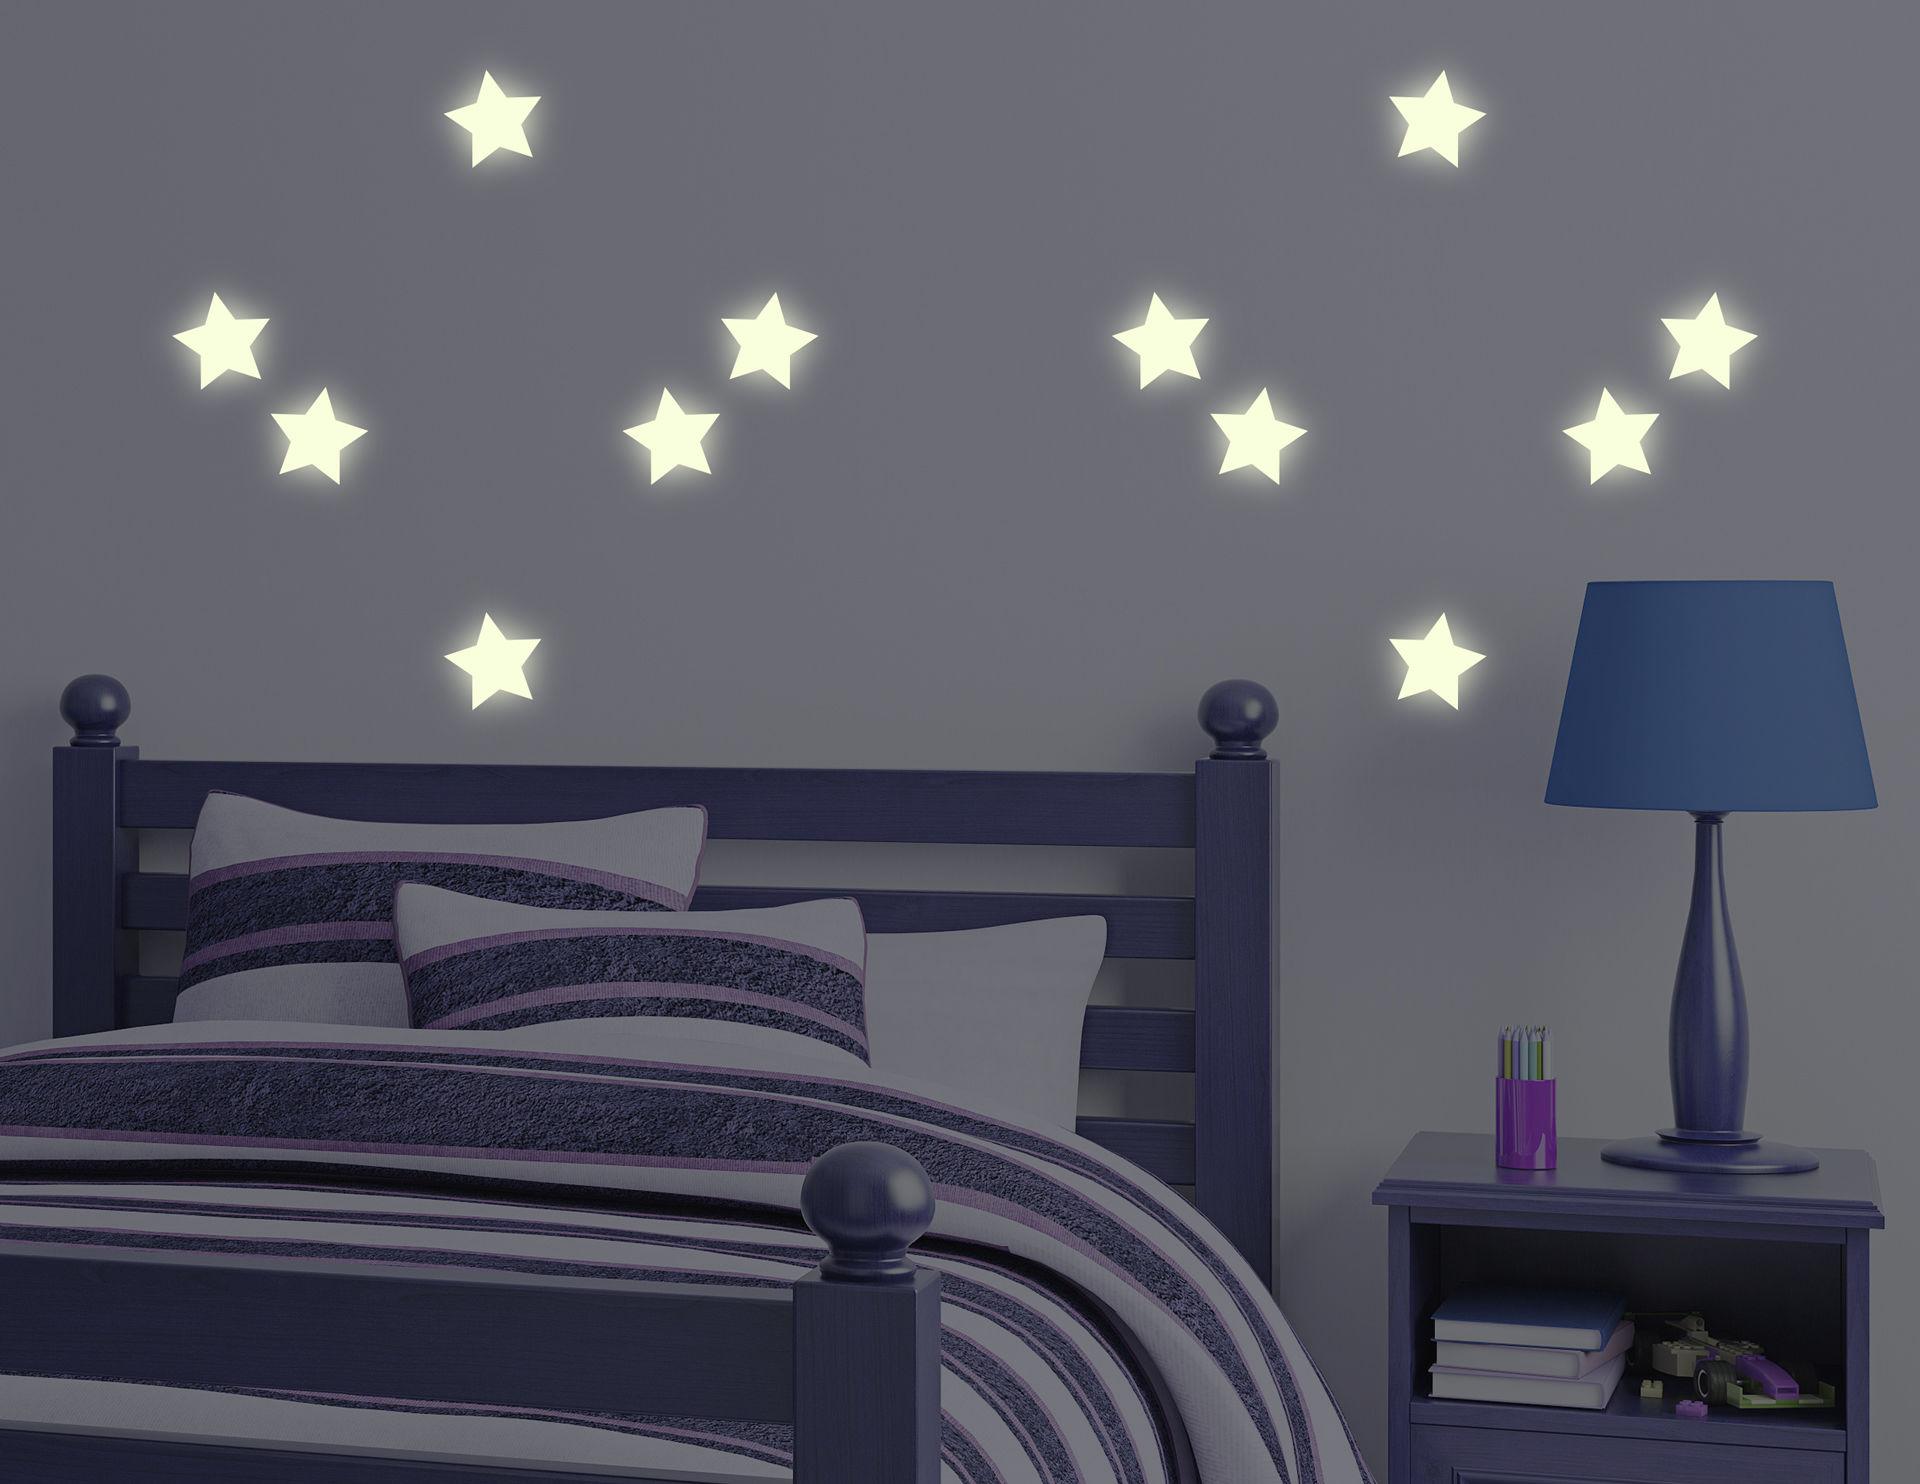 Leuchtsticker wandtattoo leuchtende sterne - Leuchtende wandtattoos ...